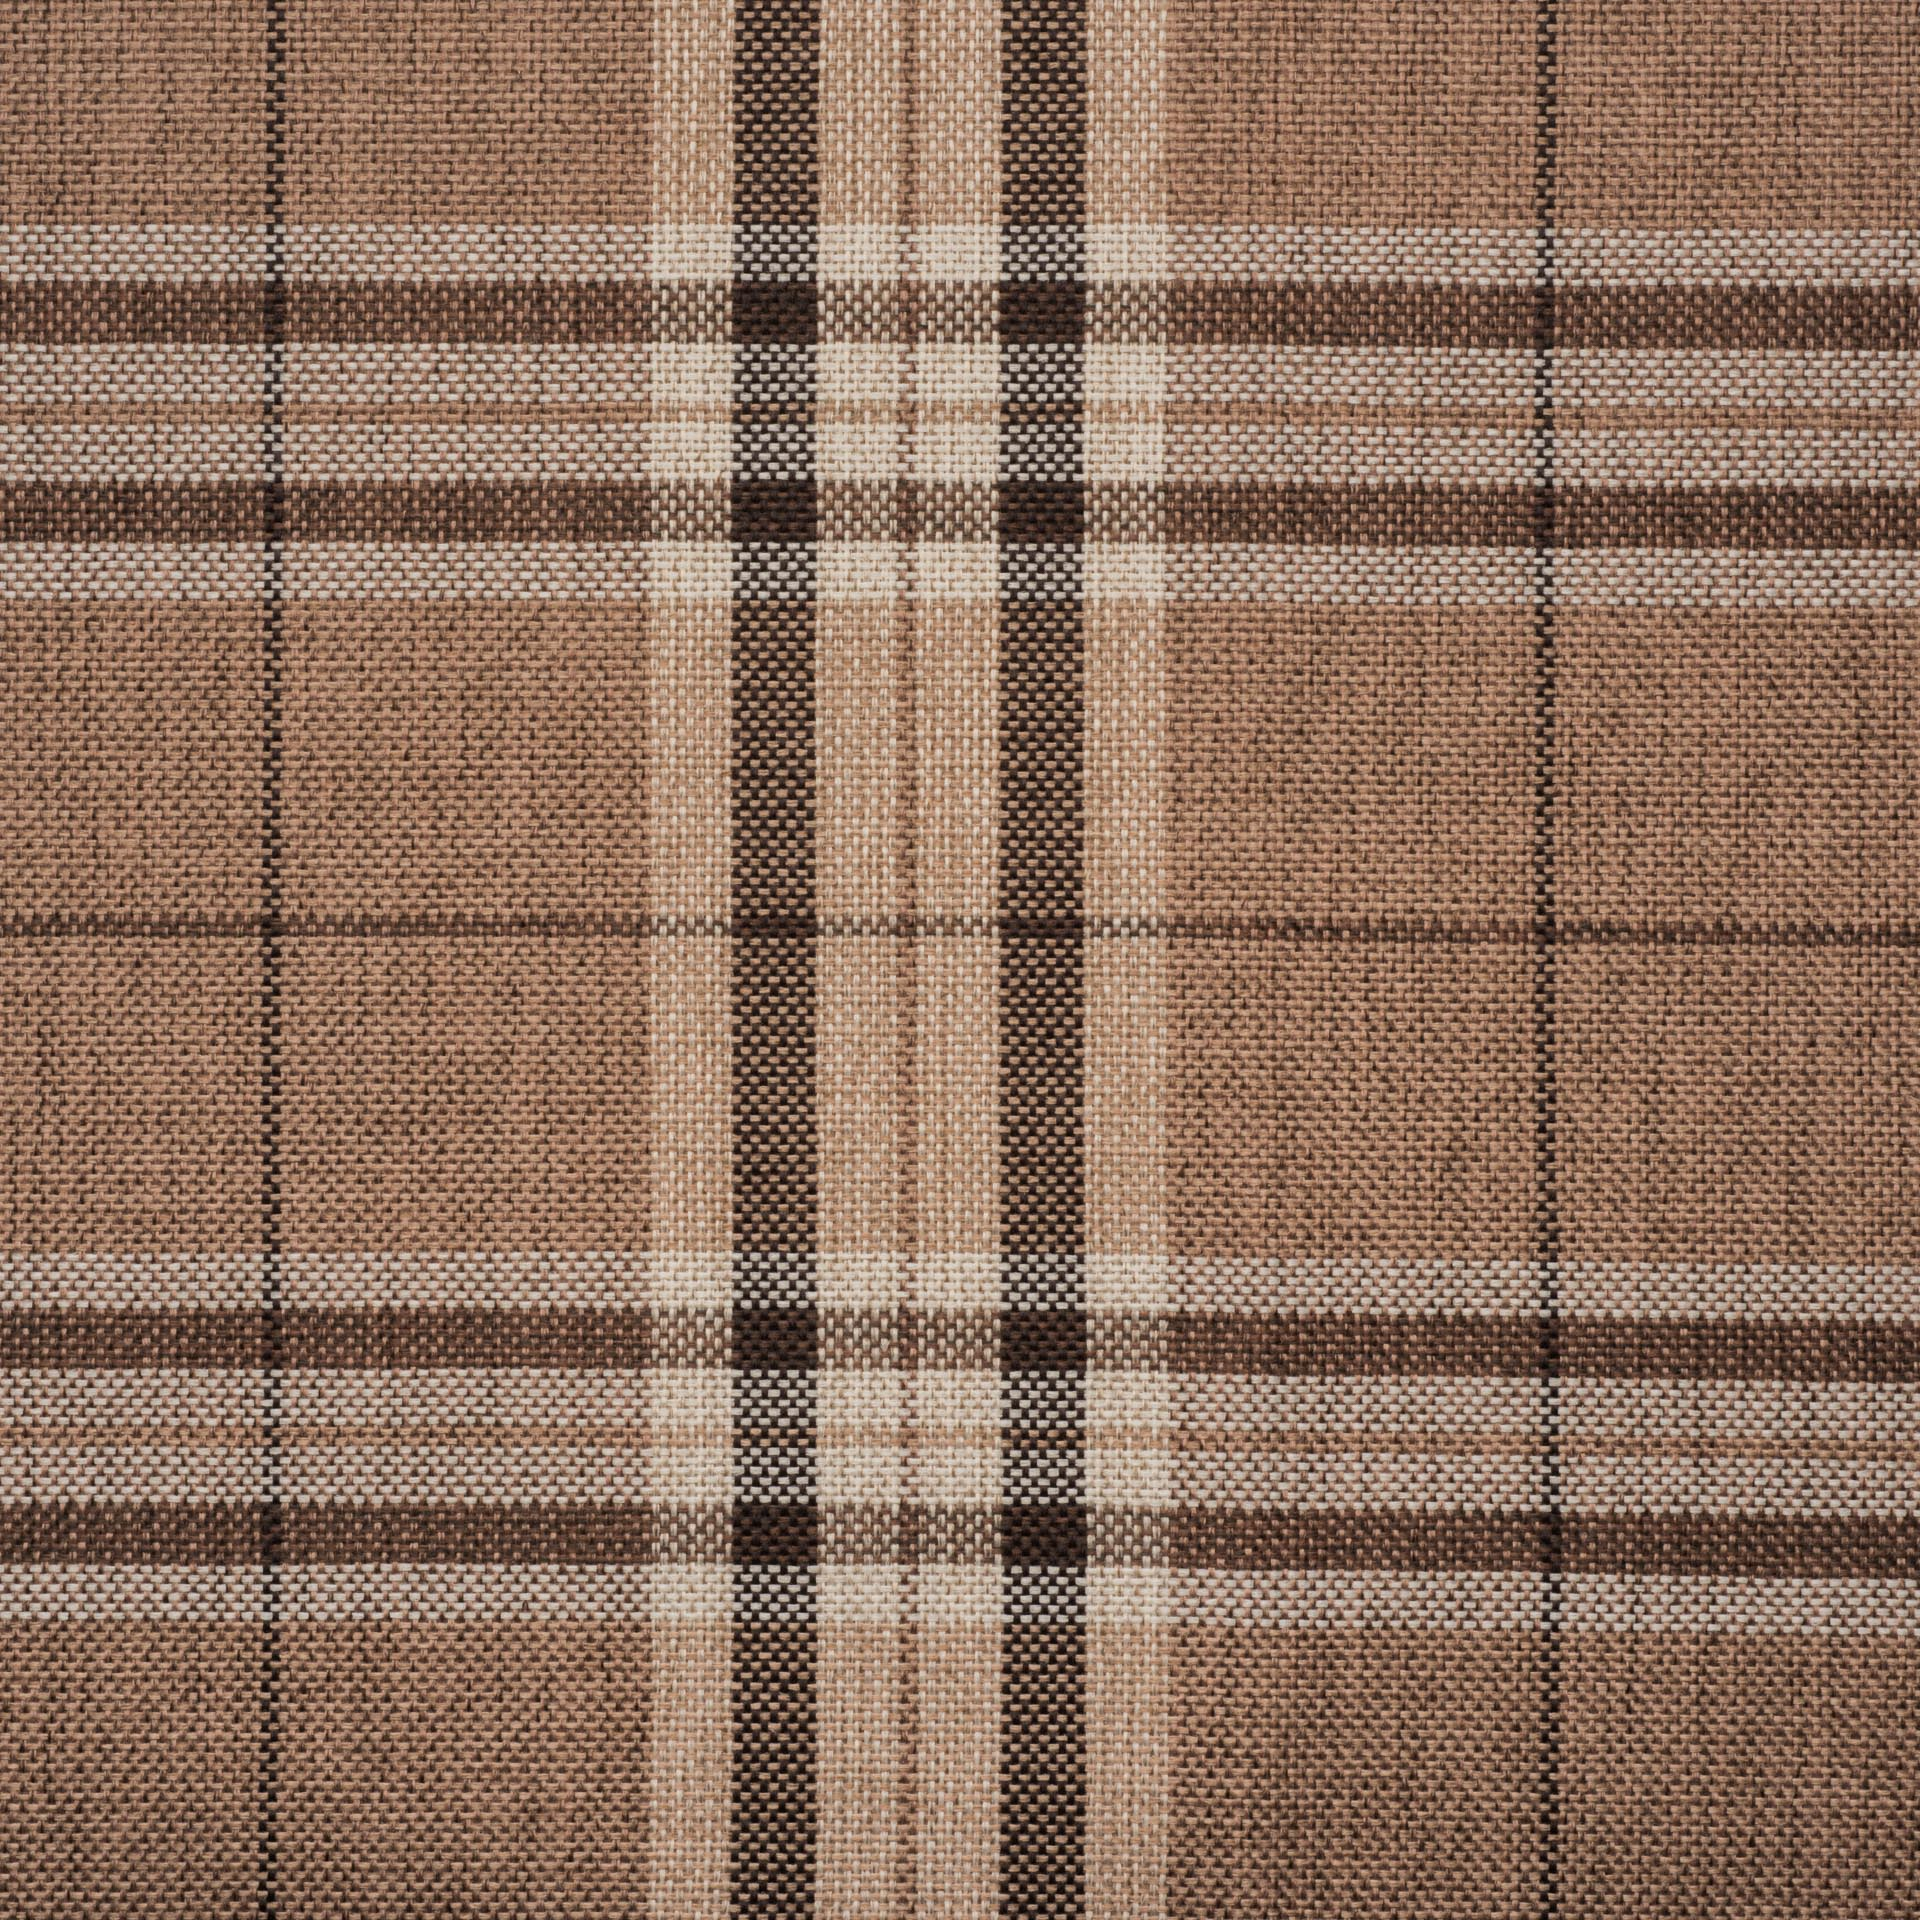 Коллекция ткани Шотландия комбин BROWN,  купить ткань Рогожка для мебели Украина